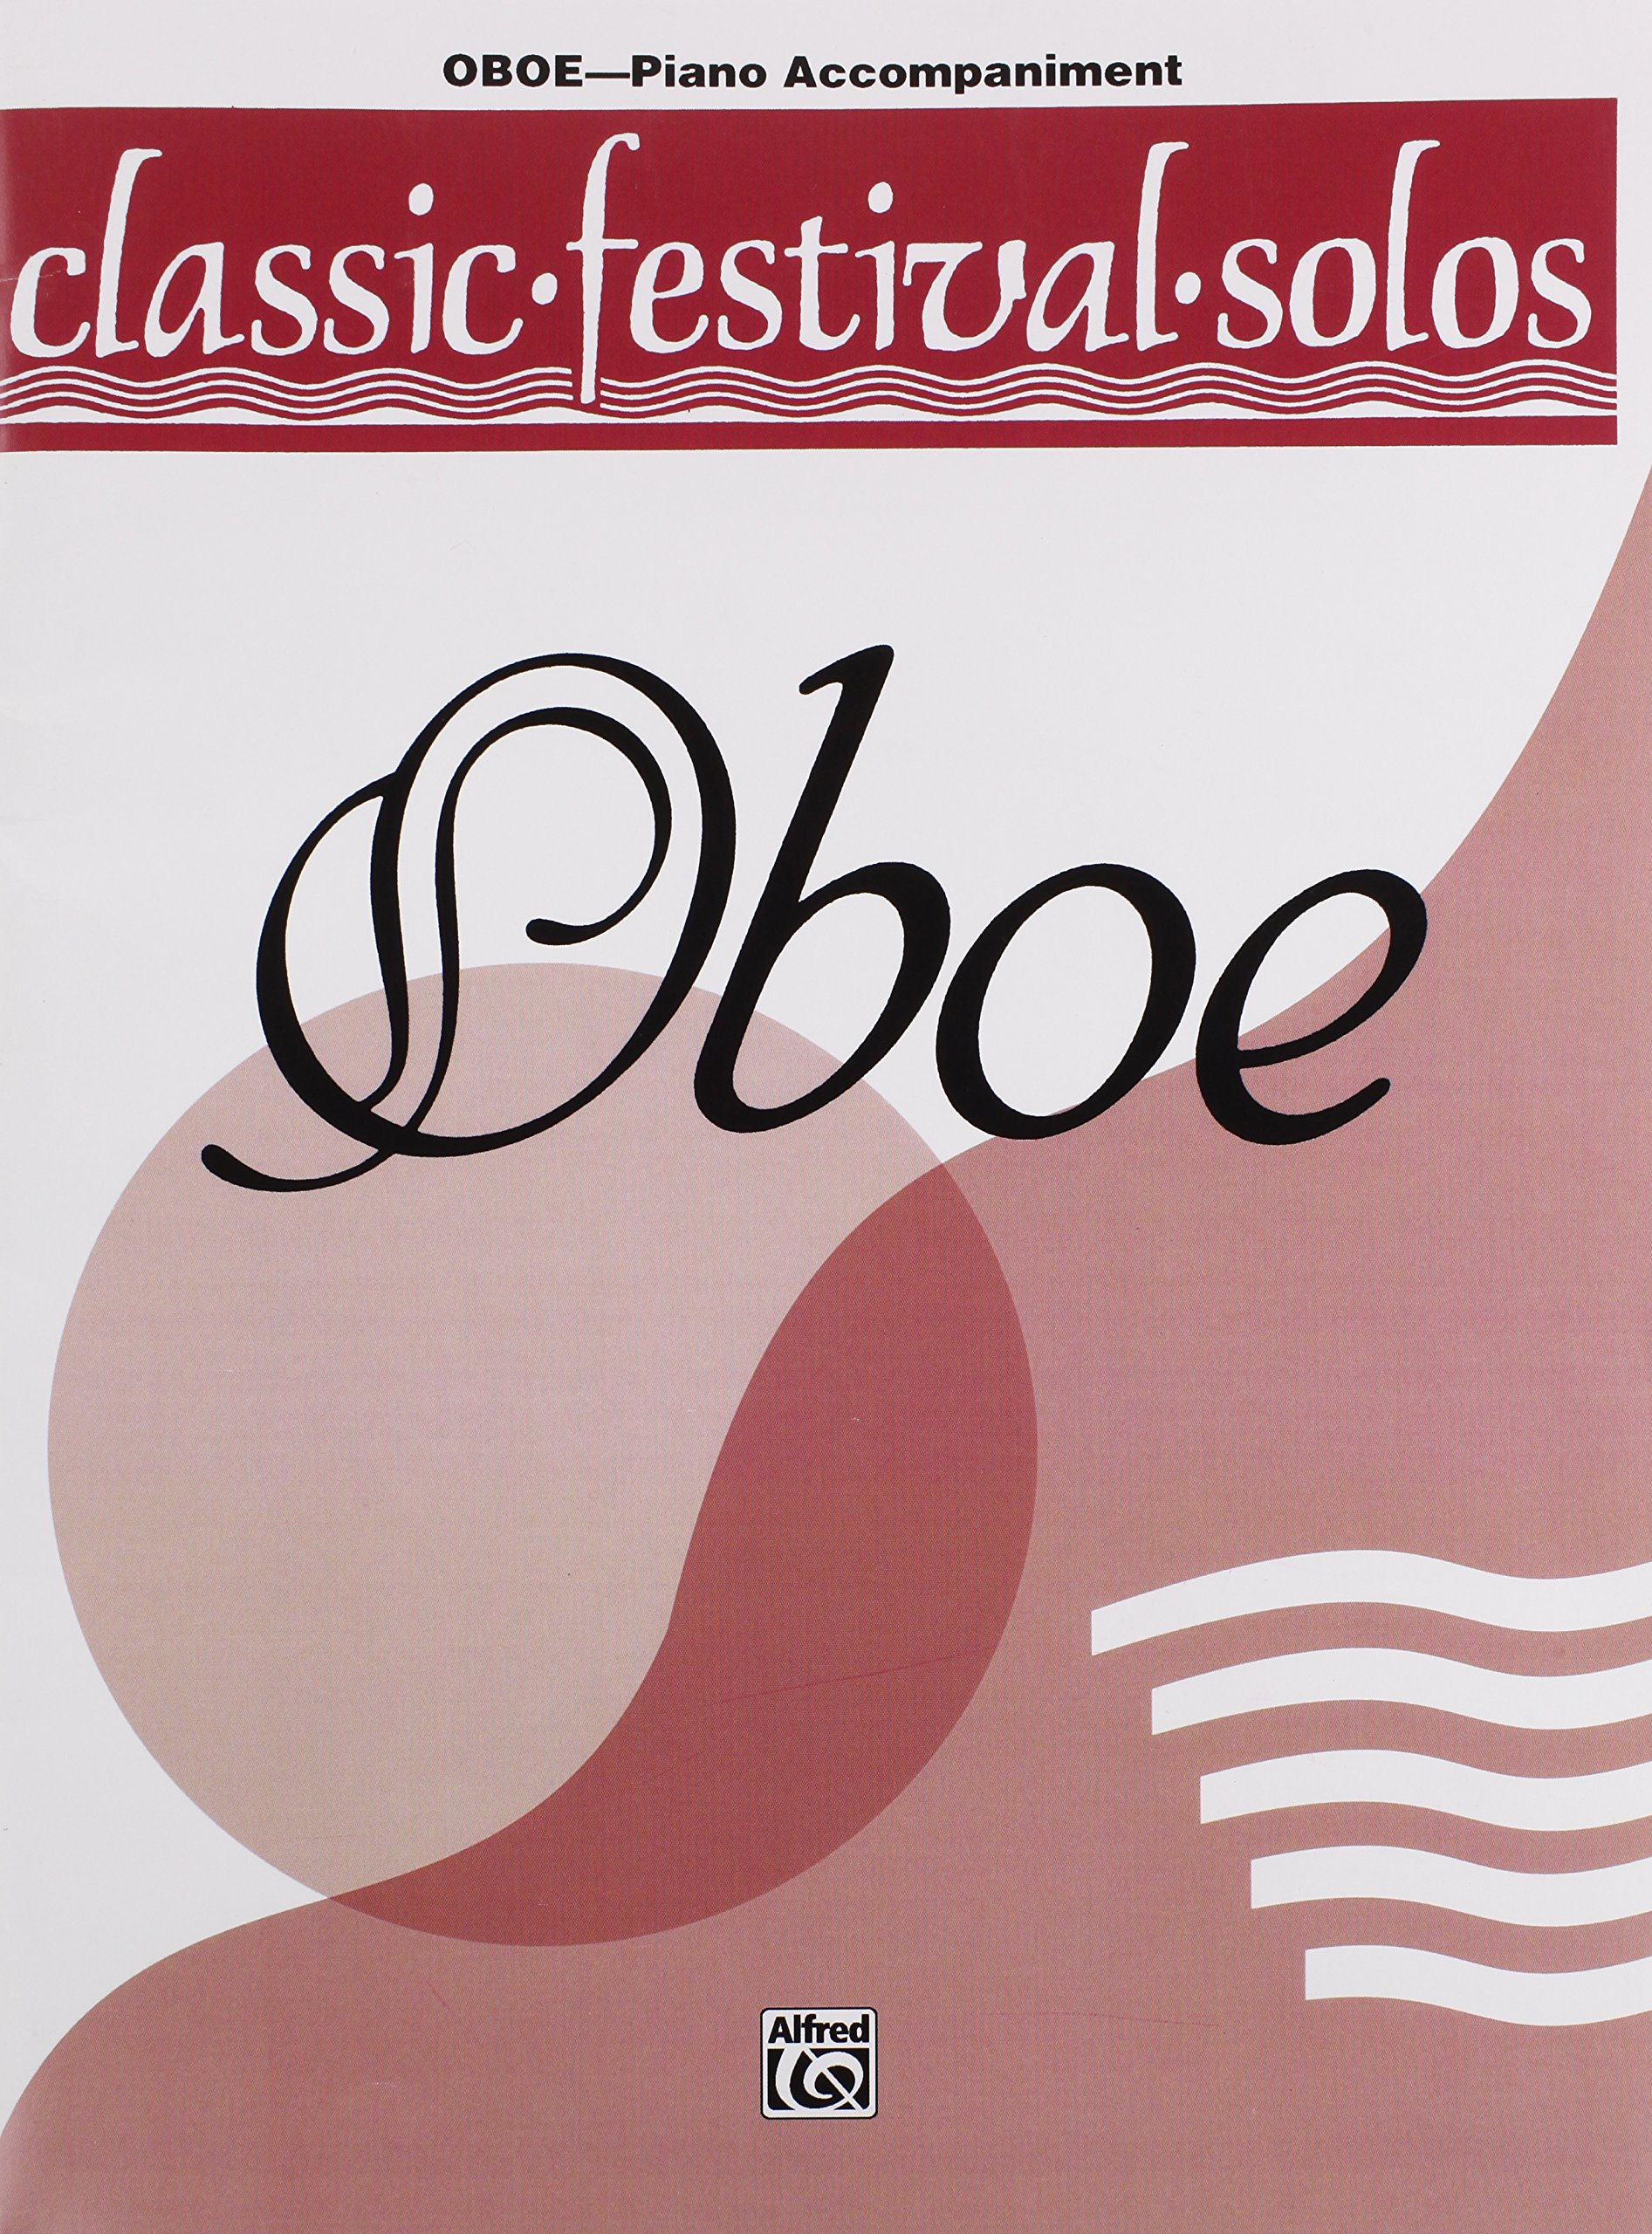 Classic Festival Solos (Oboe), Volume 1 Piano Acc. Book